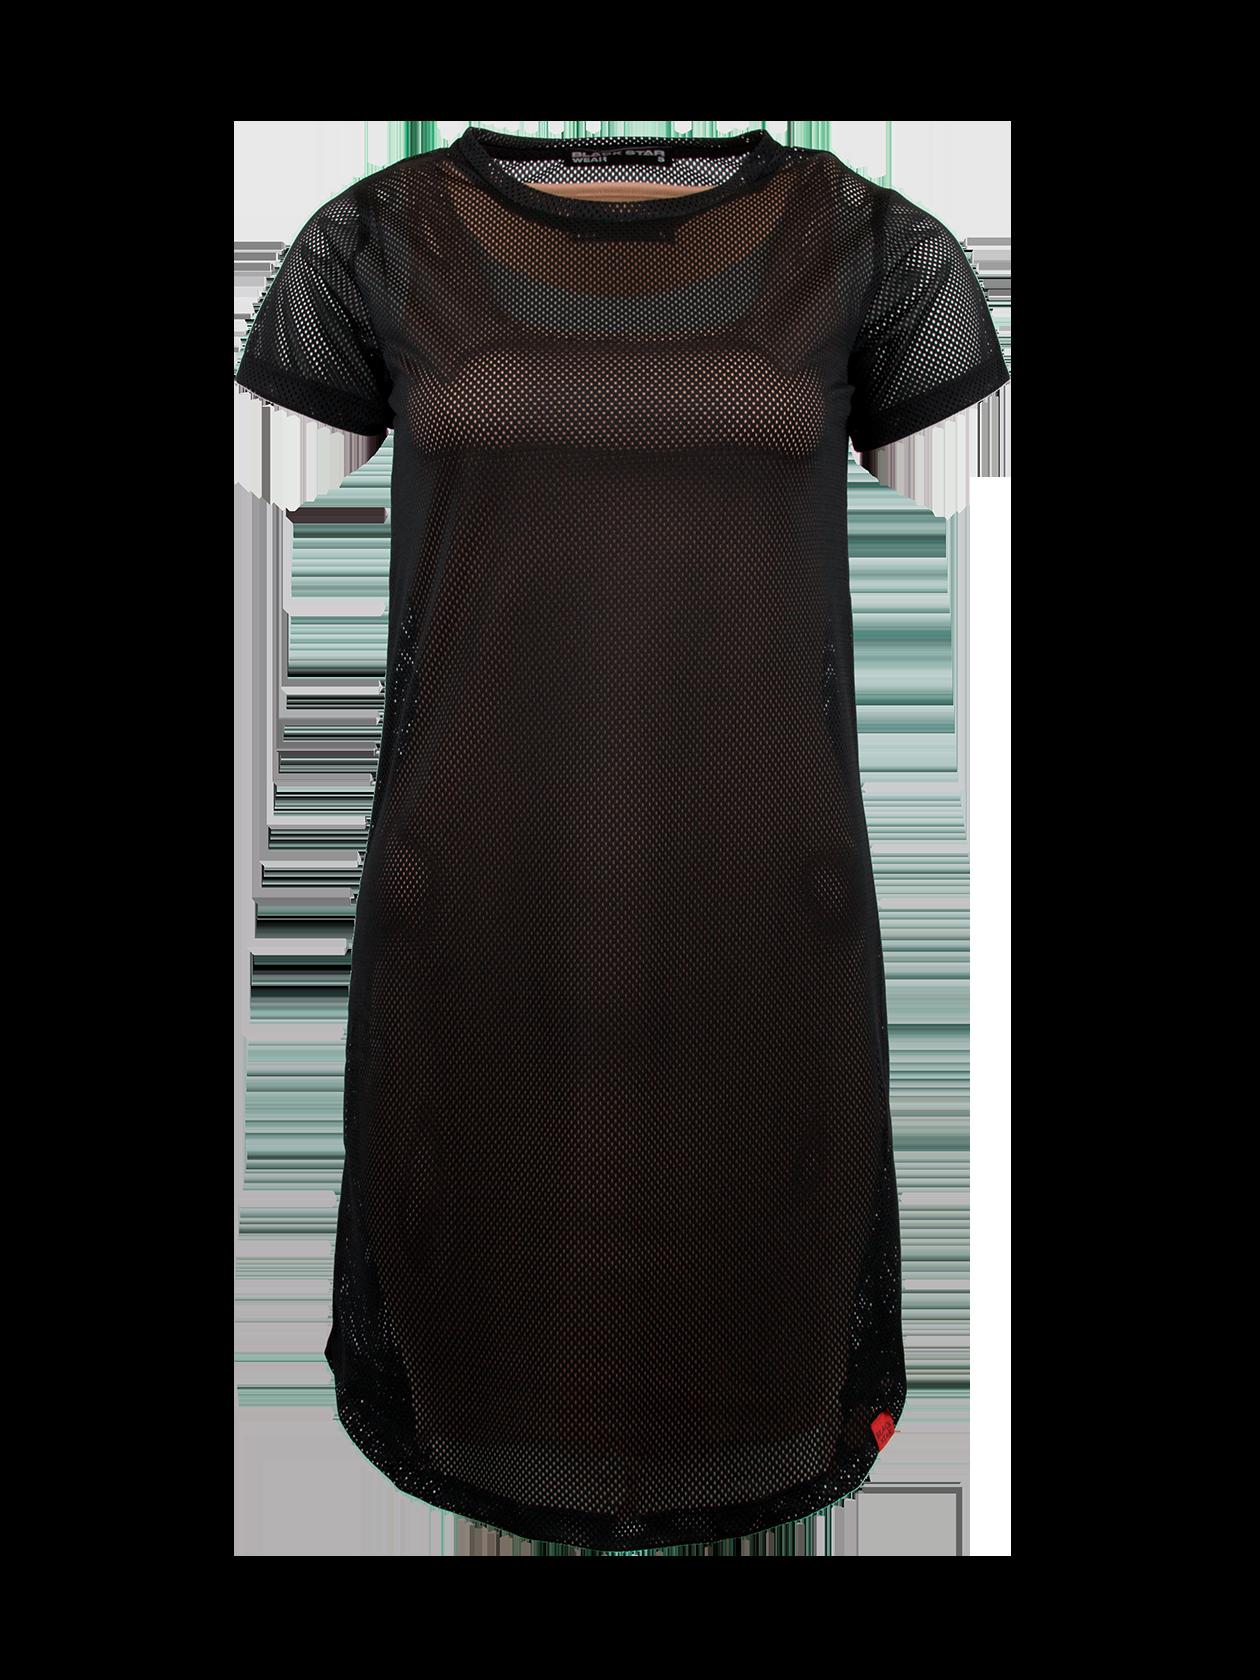 Платье женское MERMAIDПлатье женское Mermaid – оригинальная вещь от популярного бренда Black Star. Модель прямого свободного кроя с округленной формой низа и небольшим рукавом. Неглубокая горловина содержит эмблему с логотипом BSW на внутренней стороне. Изделие выполнено полностью из перфорированного материала высокого качества, представлено в черной расцветке. Внутри имеется подкладка, открывающая рукава и нижнюю часть платья. Идеально подходит для создания стиля на каждый день, комбинируется с любой обувью.<br><br>Размер: XS<br>Цвет: Черный/бежевый<br>Пол: Женский